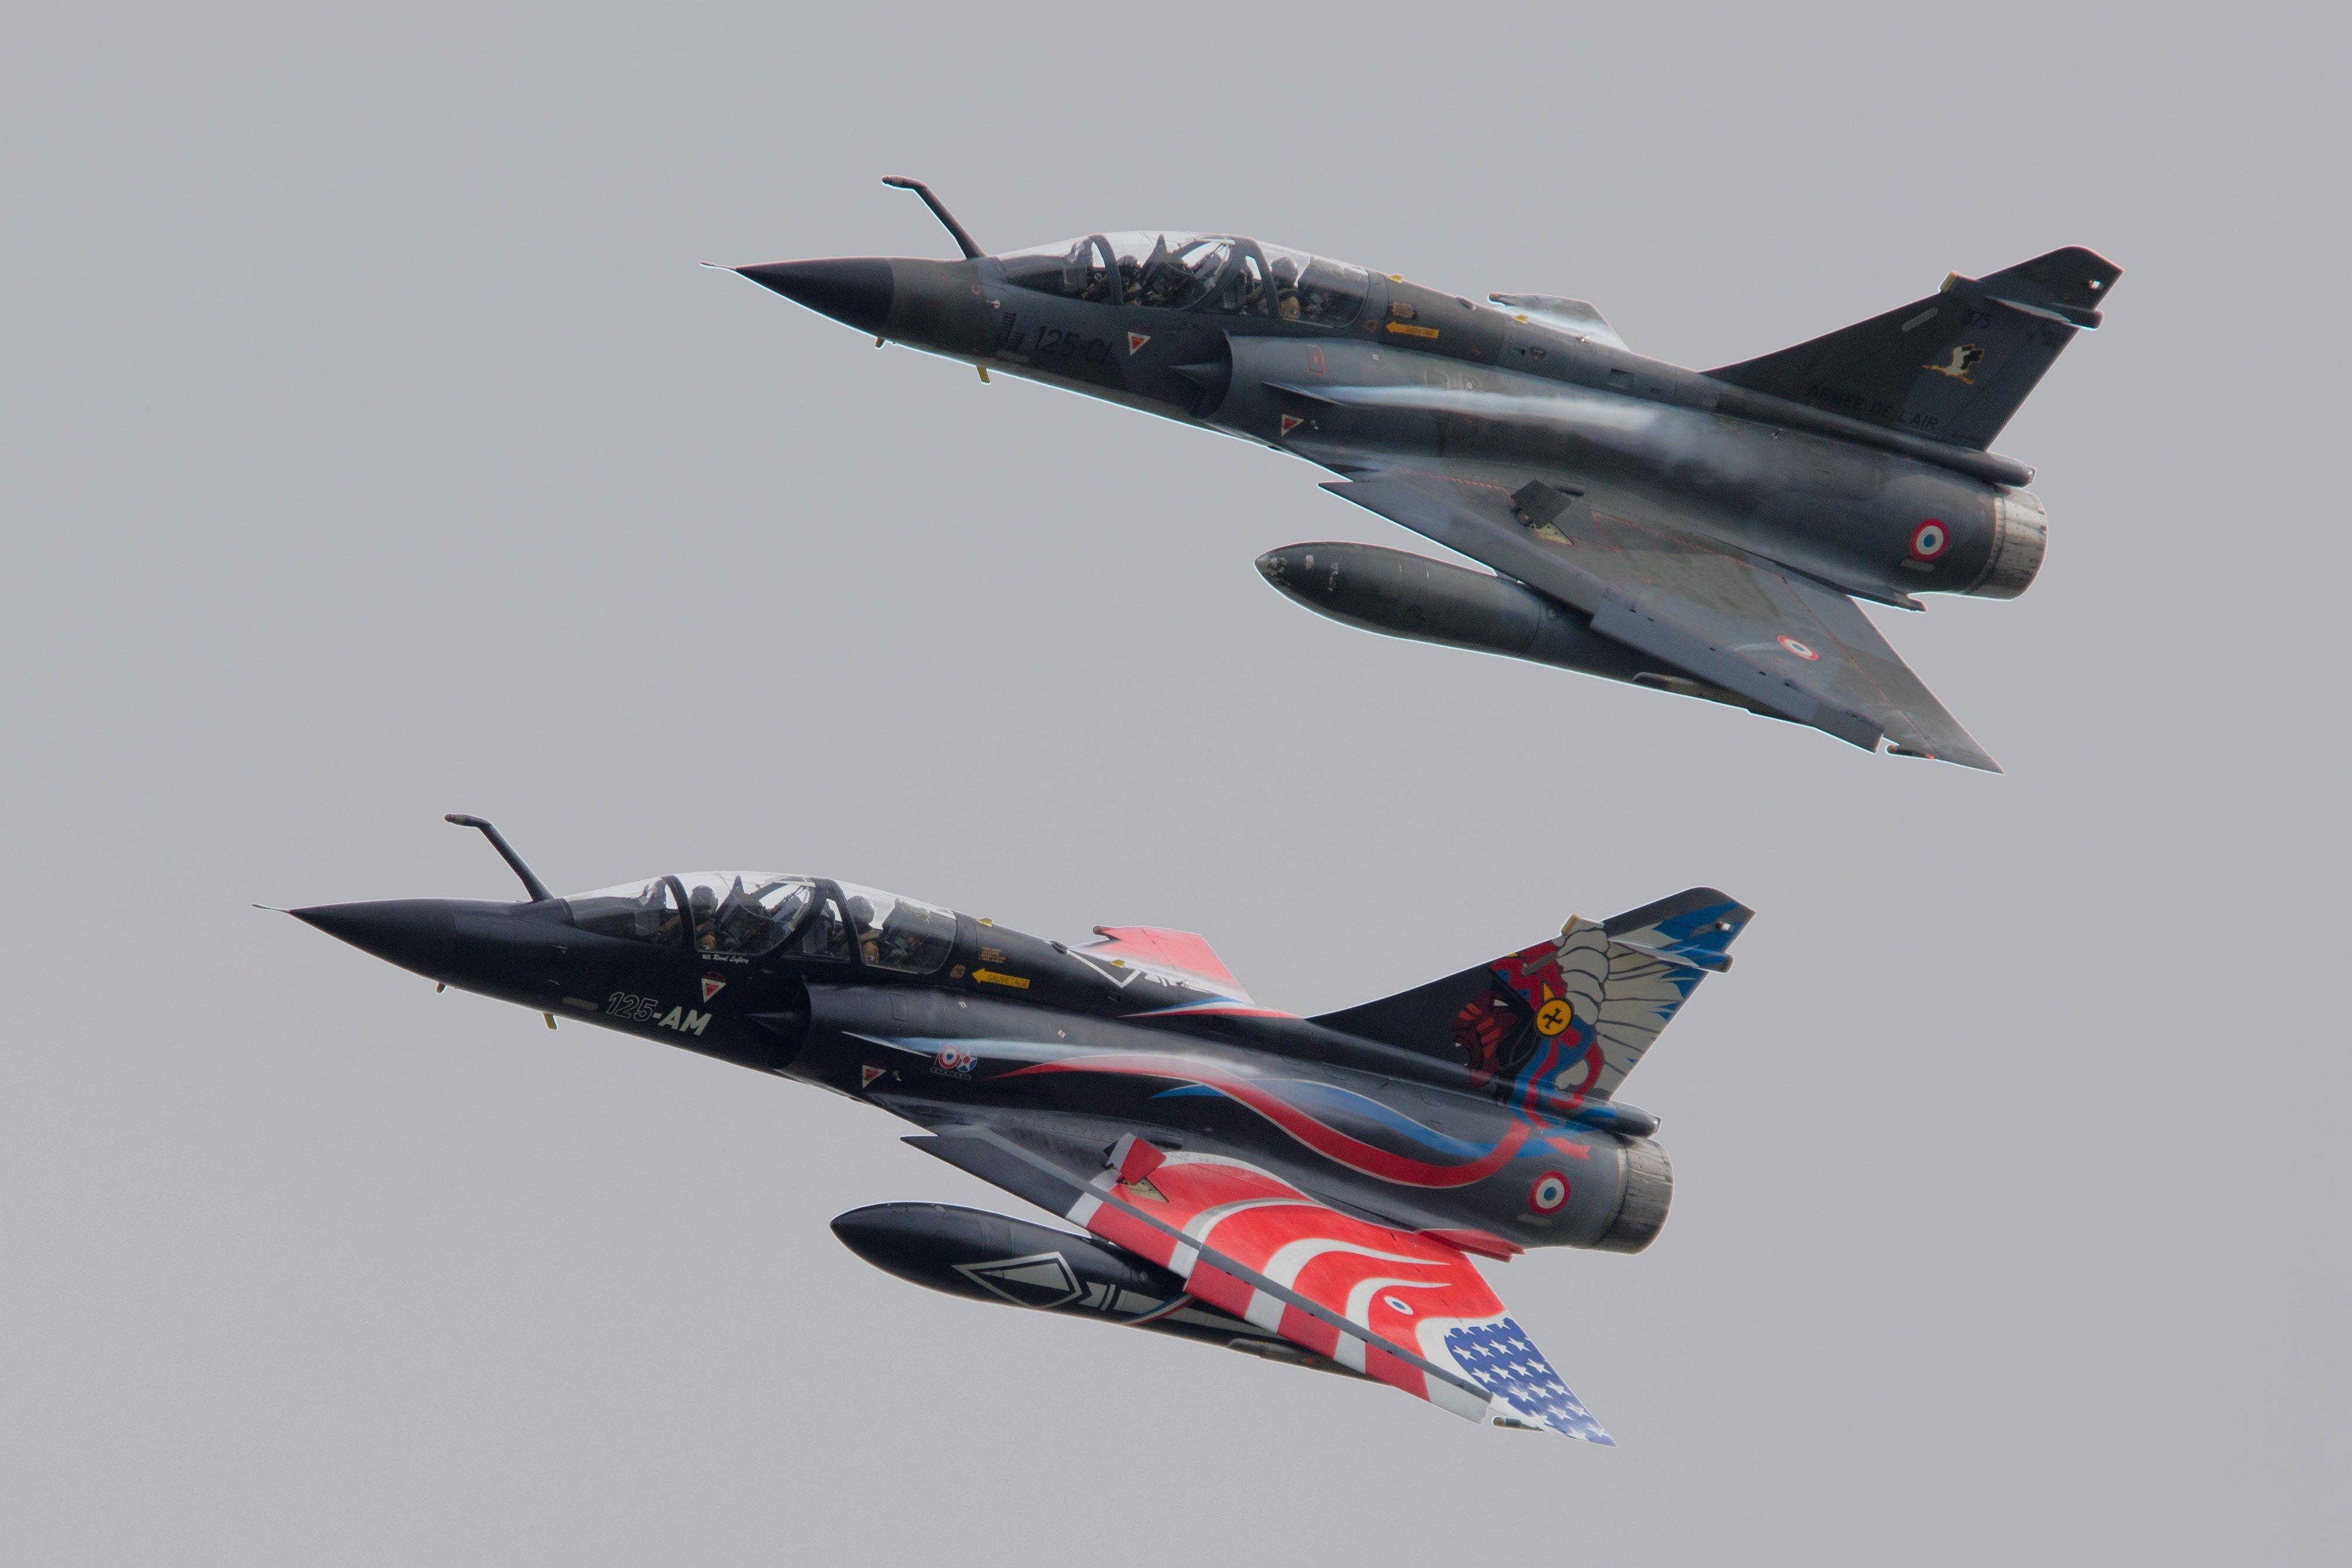 4k Dassault Mirage 2000 4023x2682 Fighter Jets Jet